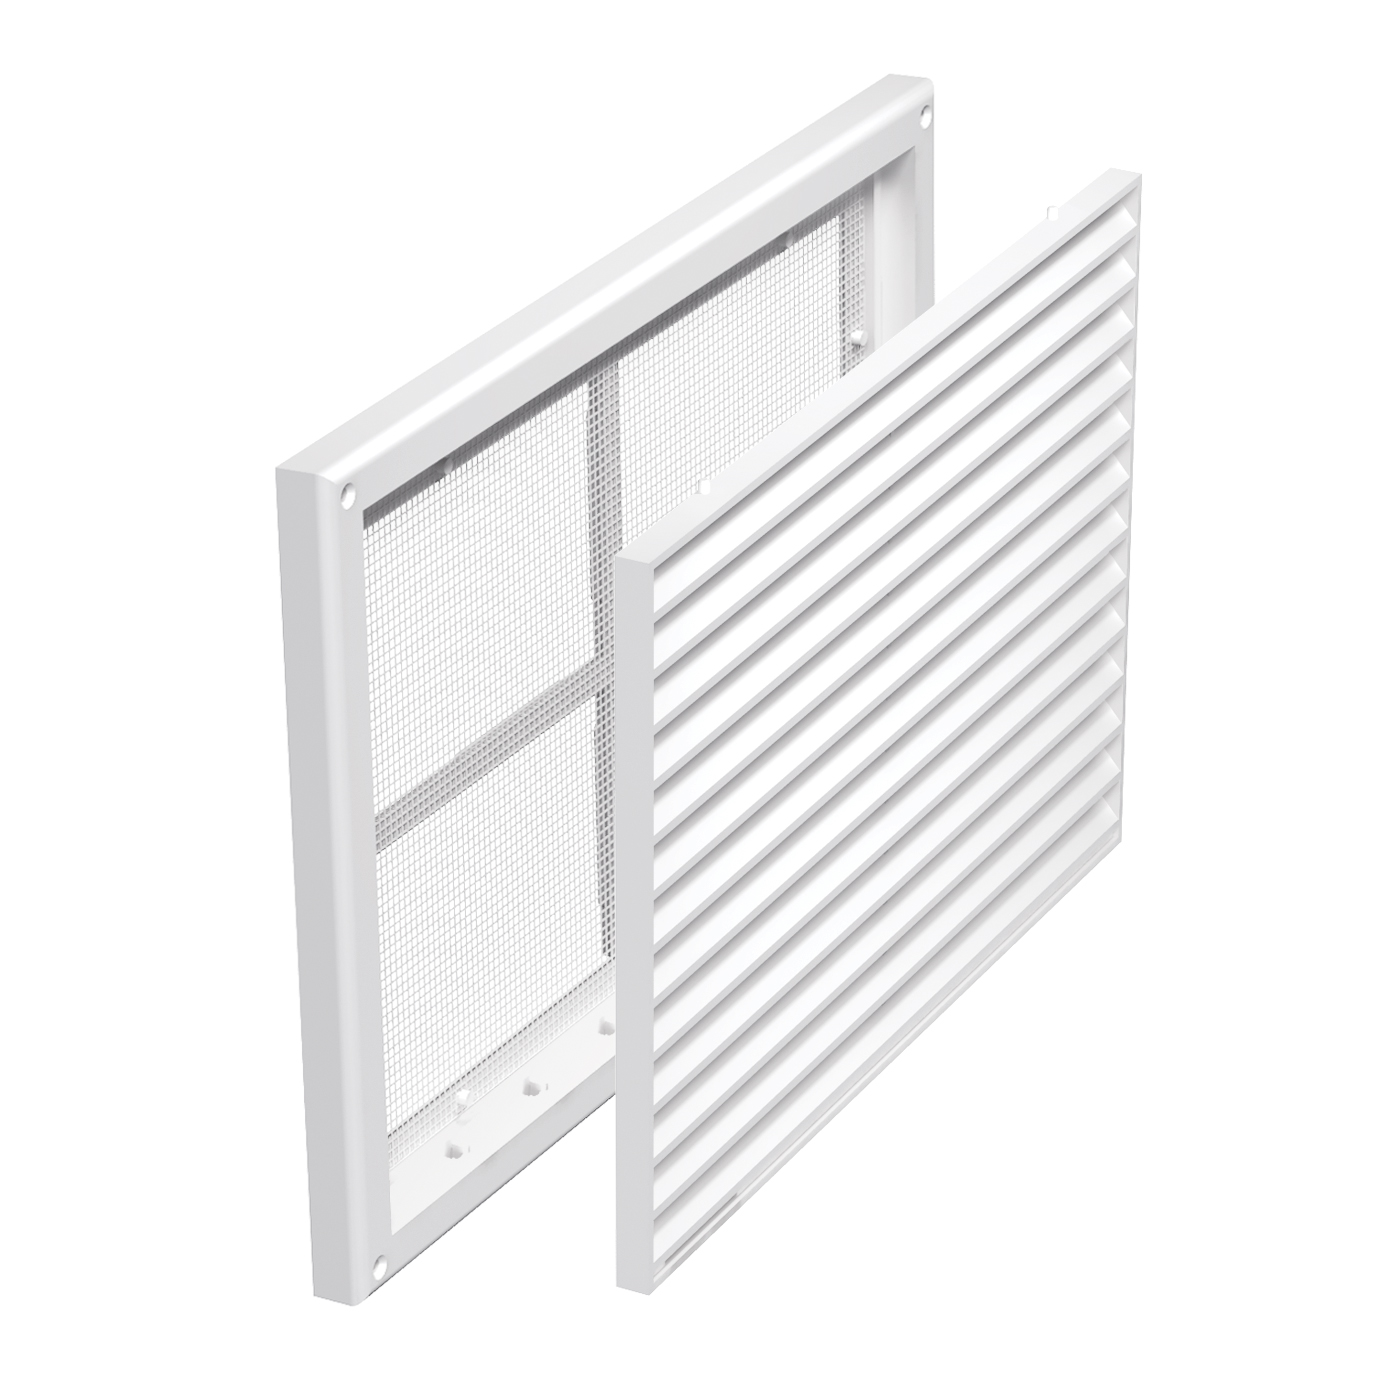 Lüftungsgitter PVC ohne Flansch mit festen Jalousien und Insektenschutz  20x20 mm, weiß